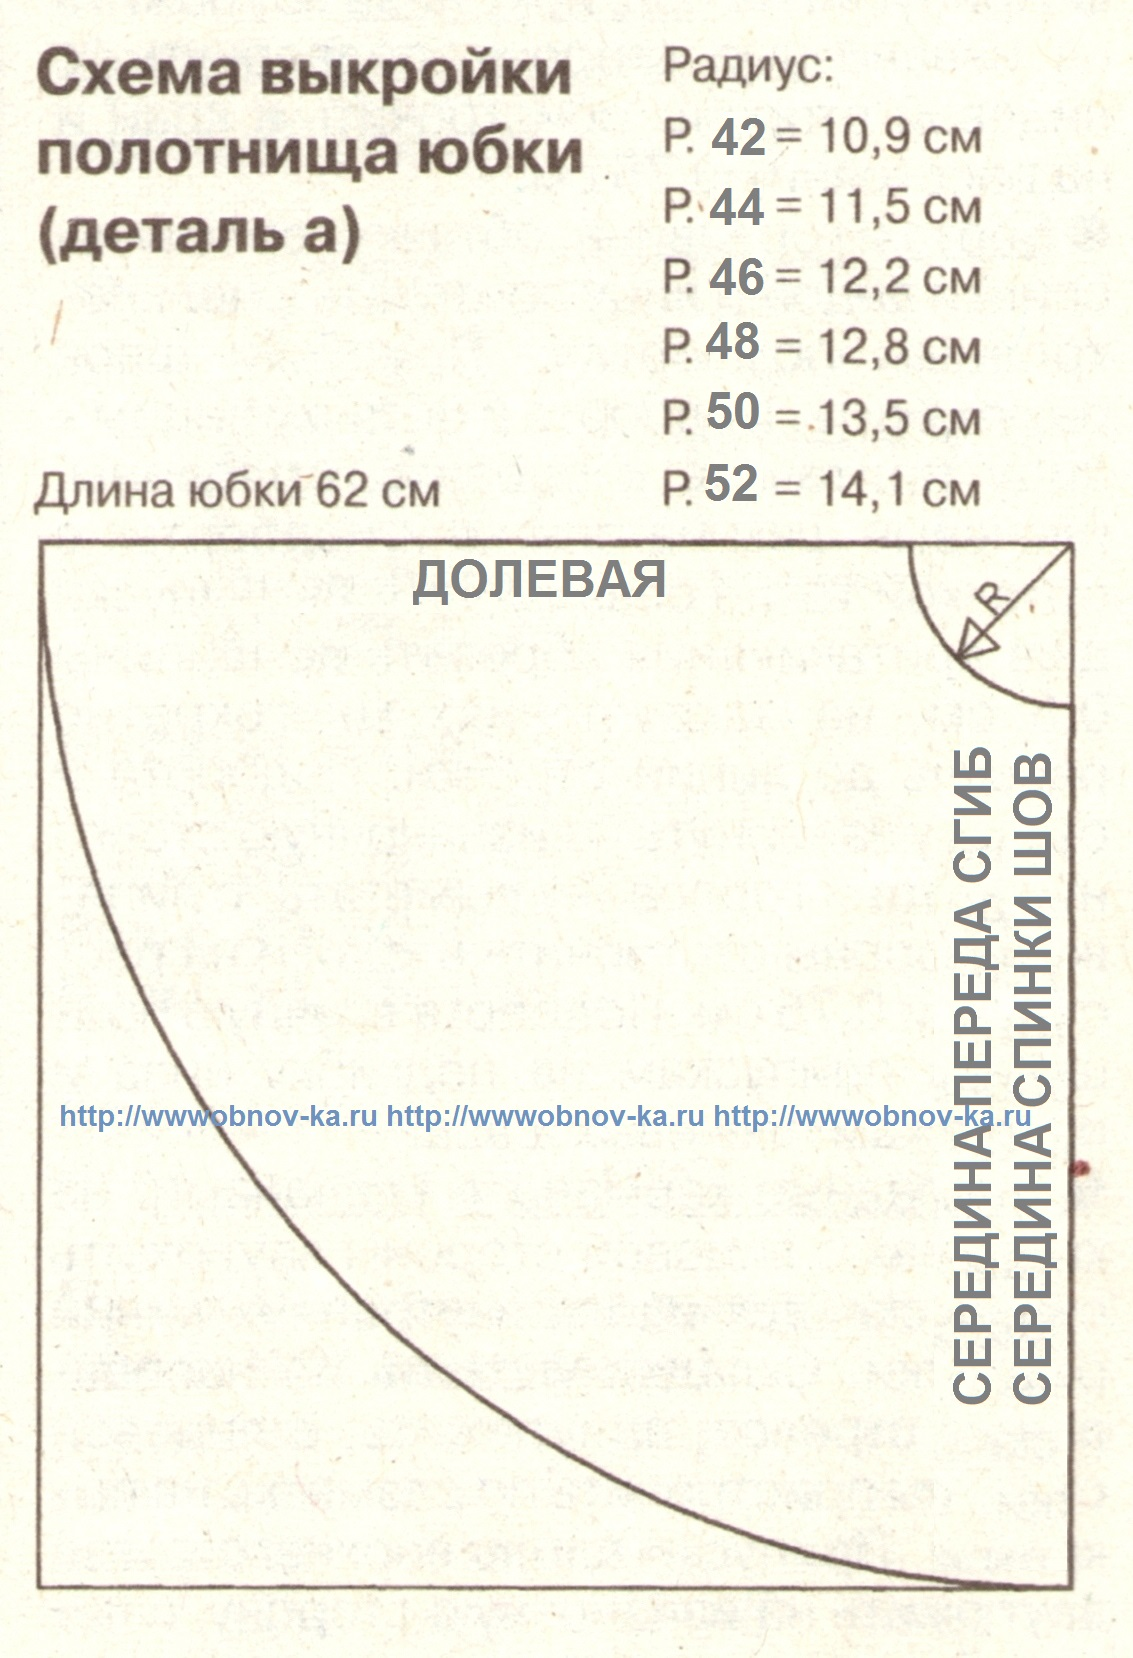 Юбка полусолнце 44 размера